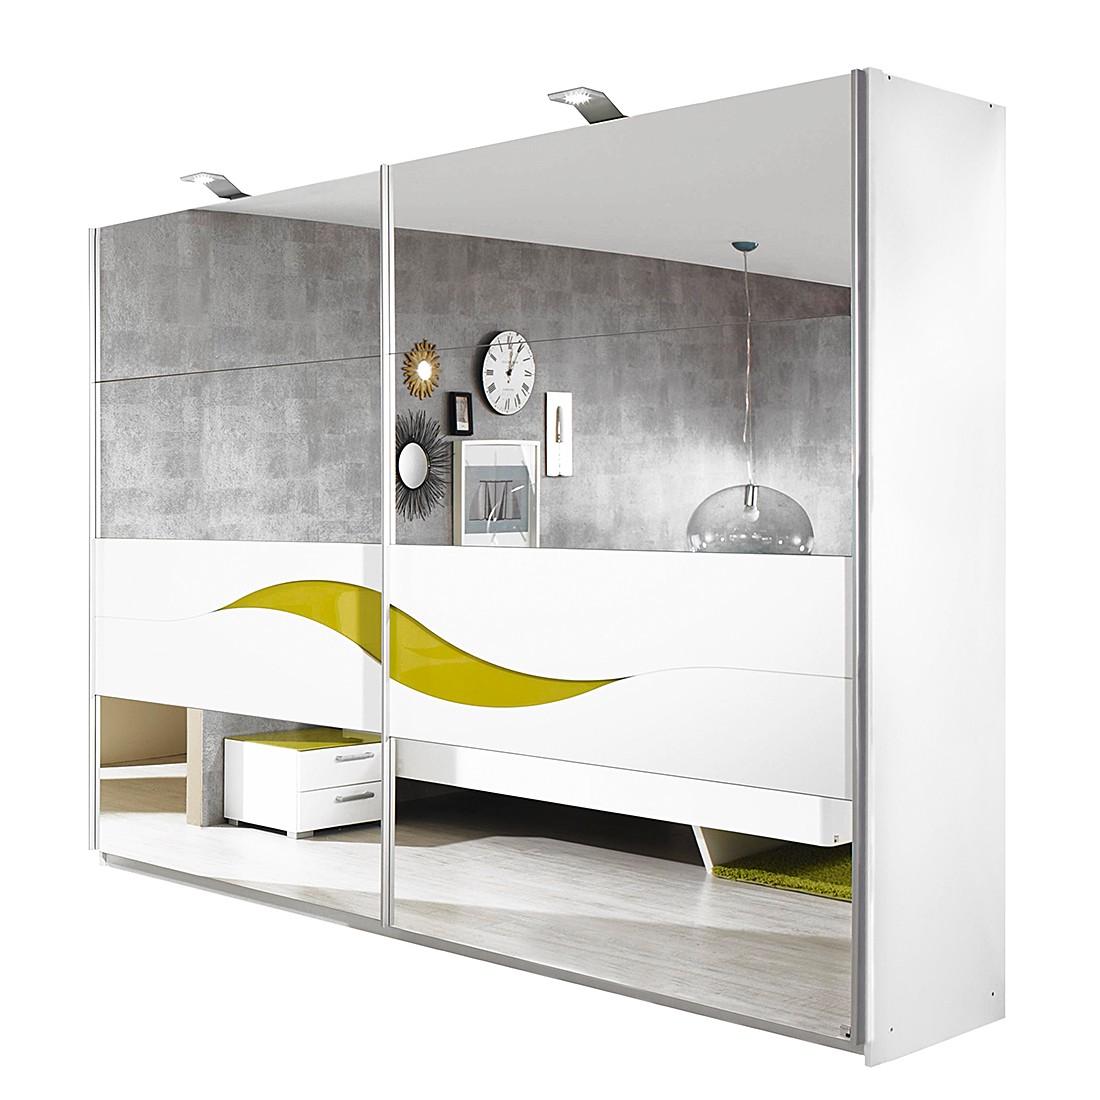 Schwebetürenschrank Onella - Spiegel/Alpinweiß mit Glasabsetzung Limette (Schrankbreite: 181 cm)